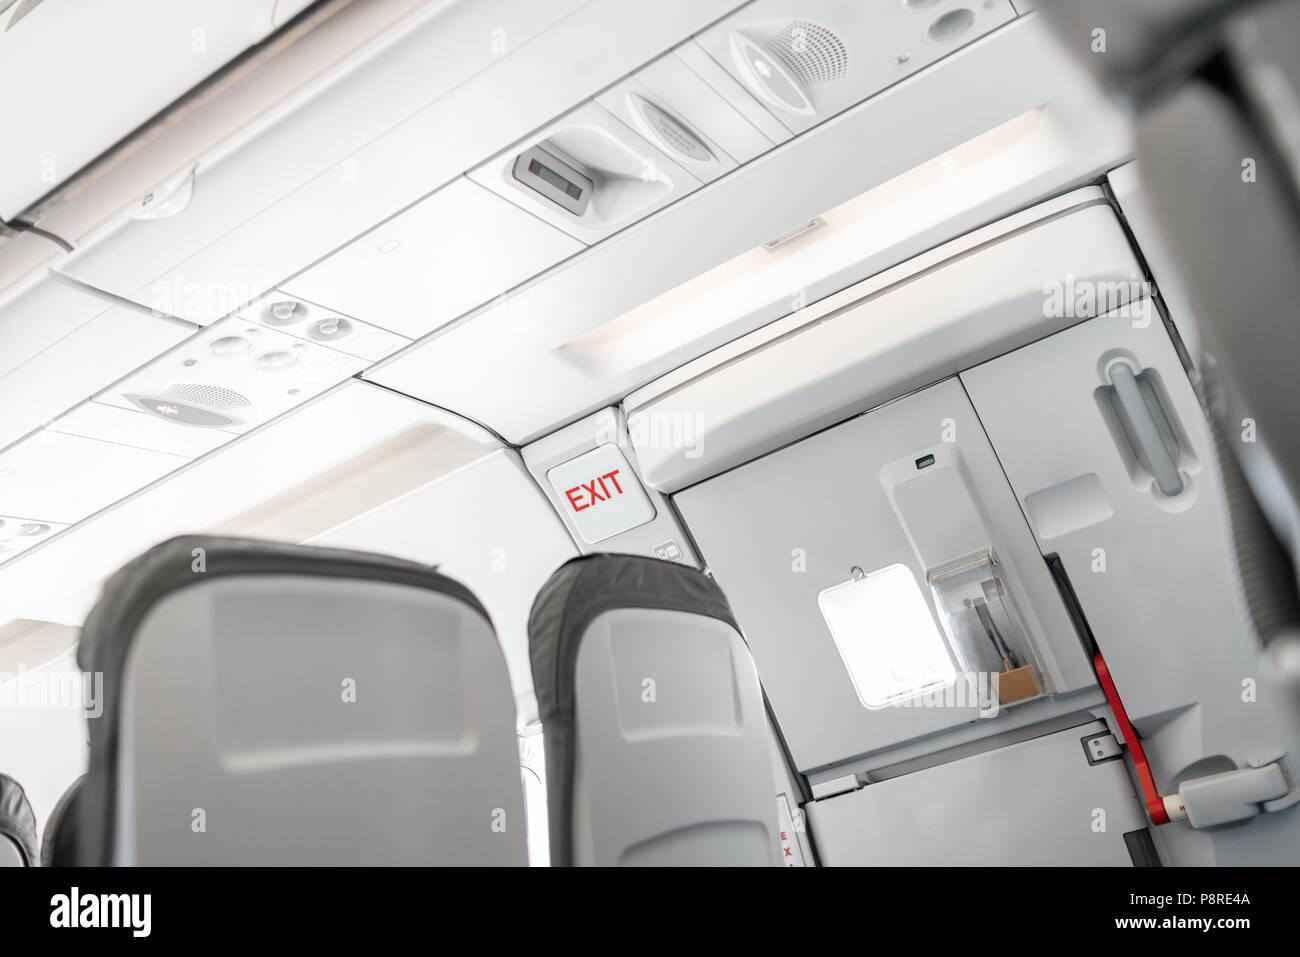 La sortie d'urgence sur un avion, vue depuis l'intérieur de l'avion. Sièges d'avion vide dans la cabine. Concept de transport moderne. Avion vol international longue distance Photo Stock